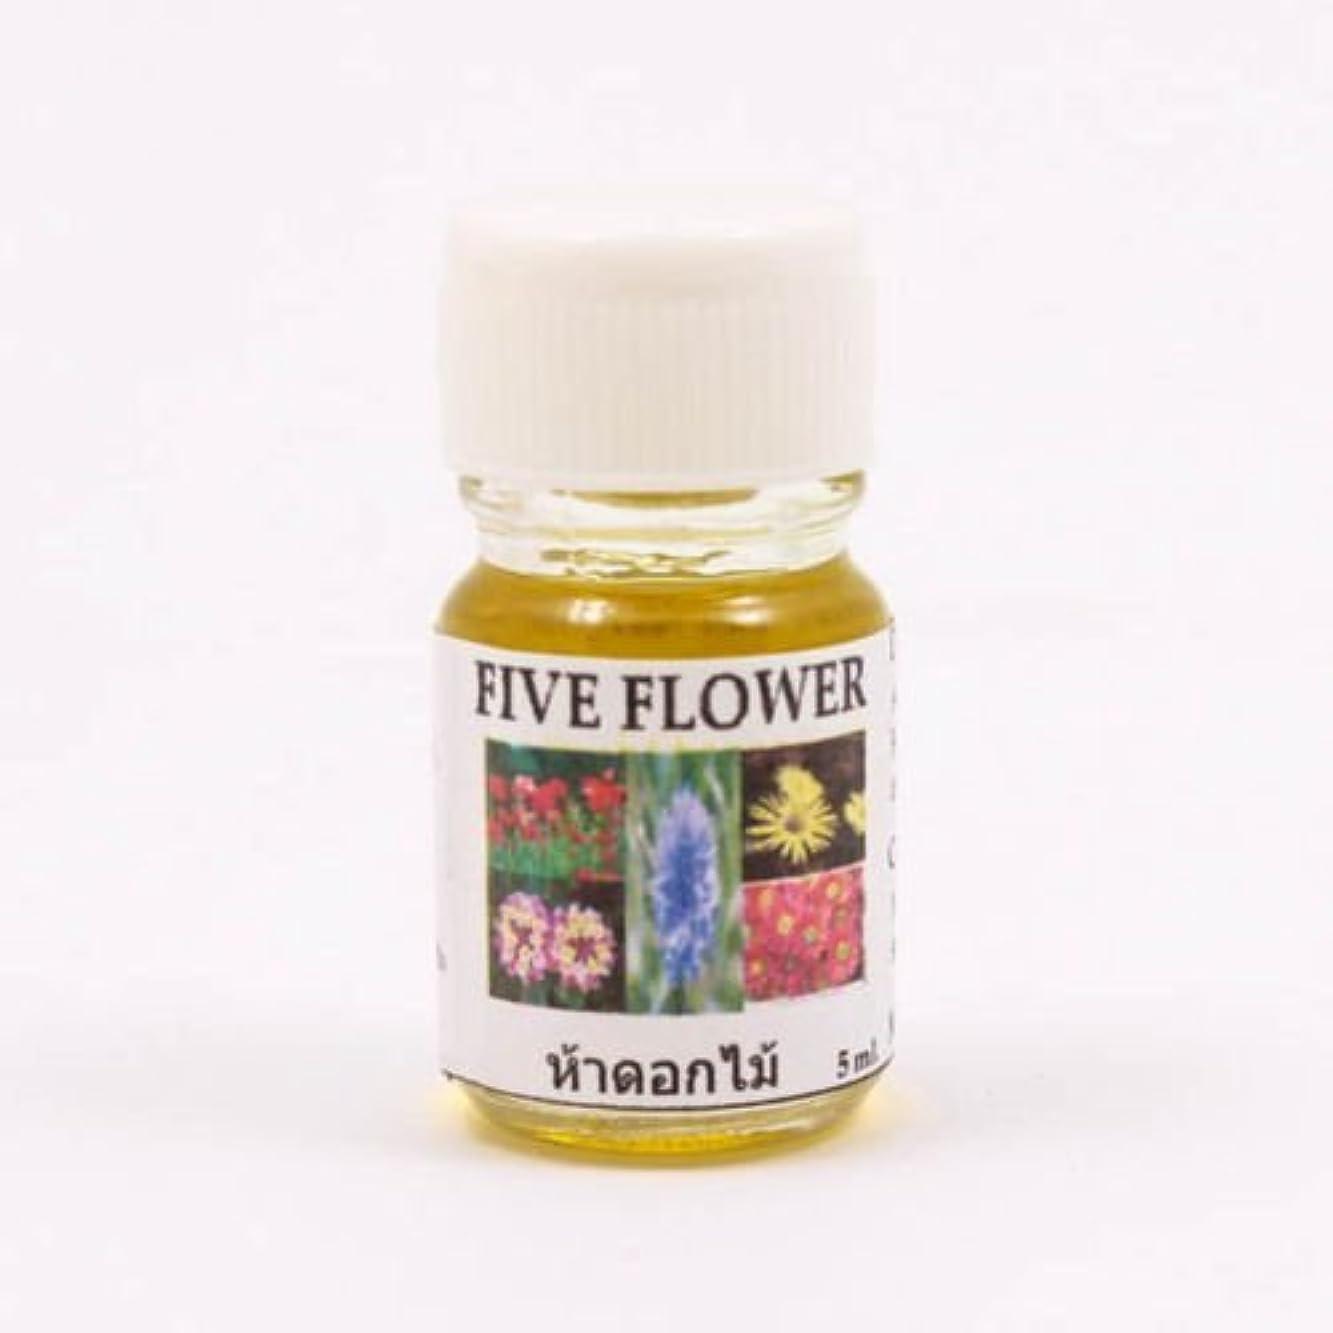 マイク薄汚い平和な6X Five Flower Aroma Fragrance Essential Oil 5ML Diffuser Burner Therapy